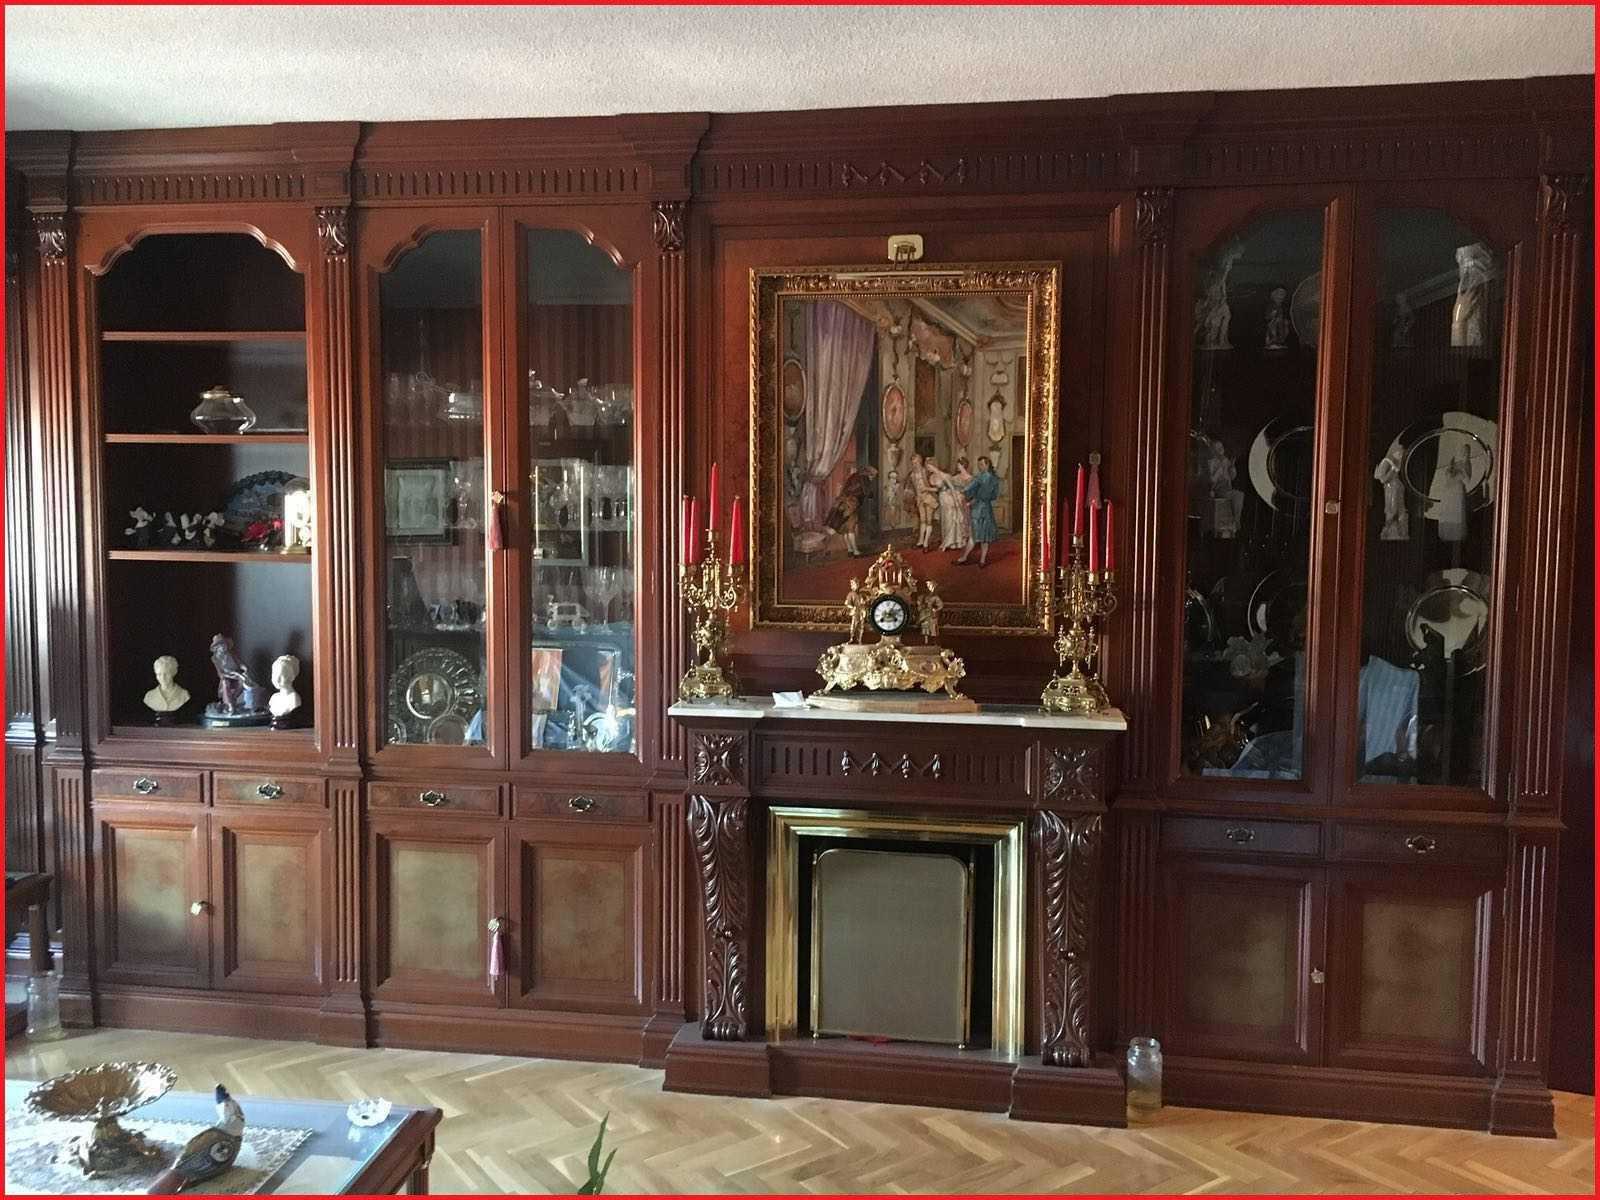 Muebles De Ocasion X8d1 Muebles De Ocasion Madrid Regalo Muebles Madrid Gratis